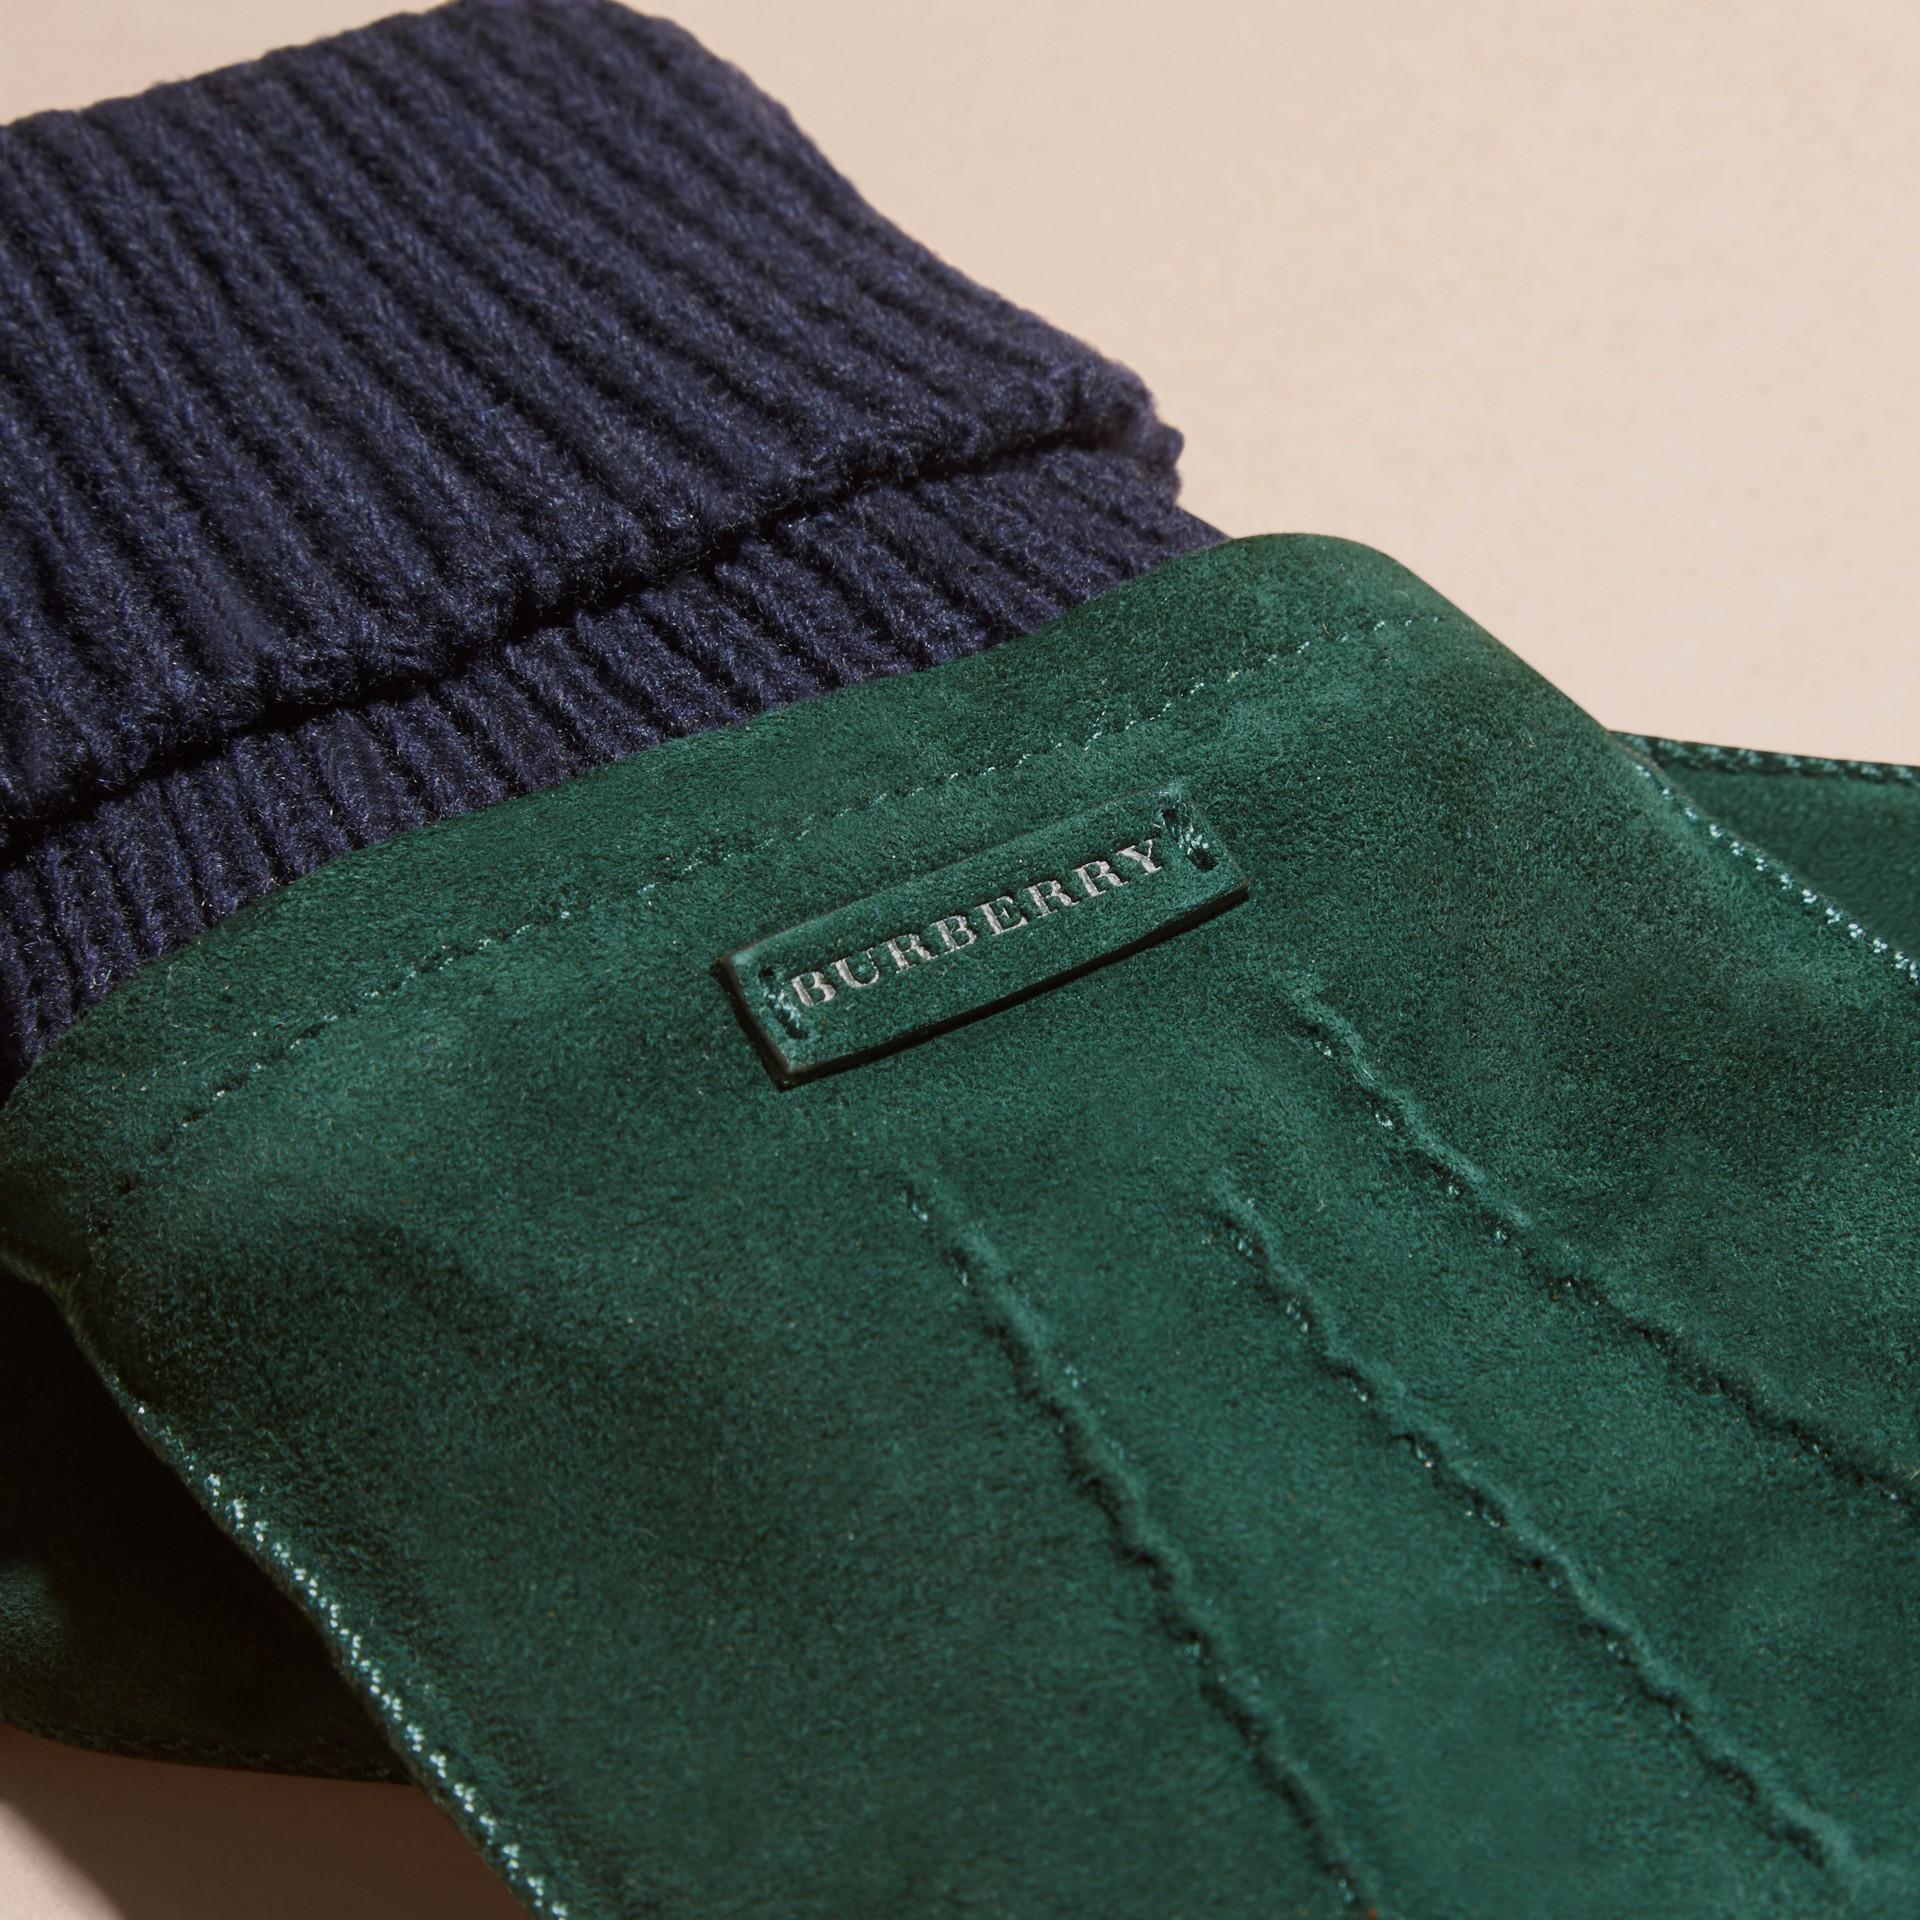 Vert cèdre sombre Gants en cuir velours avec bordure côtelée en laine et cachemire Vert Cèdre Sombre - photo de la galerie 2